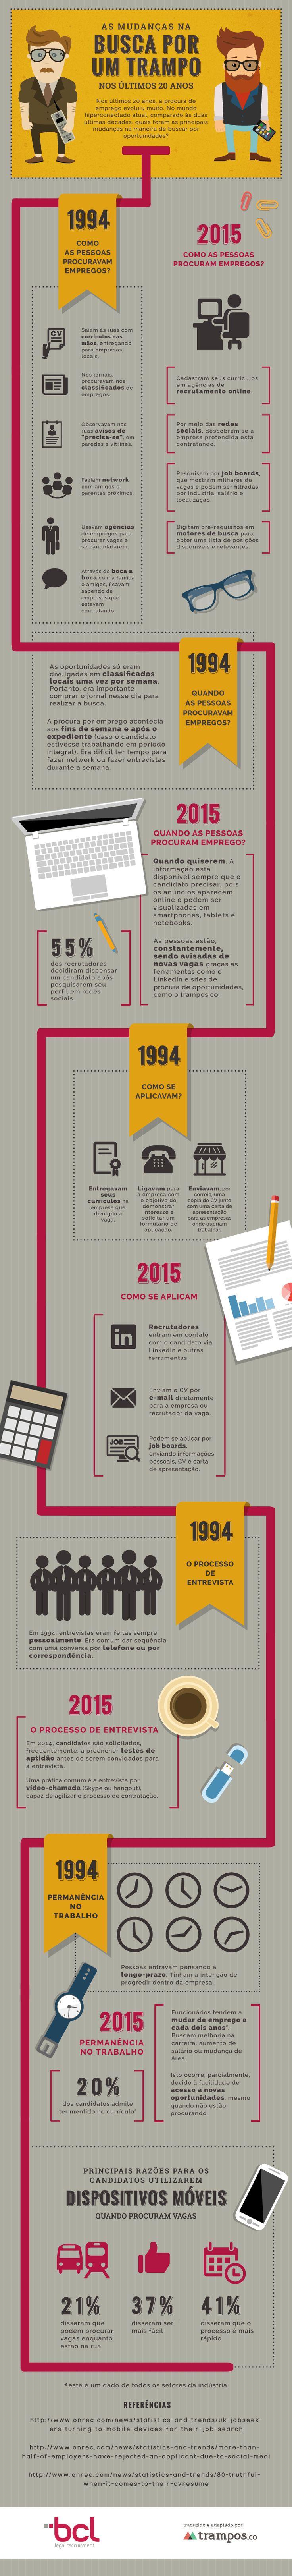 Infográfico: as mudanças na busca por um trampo nos últimos 20 anos.